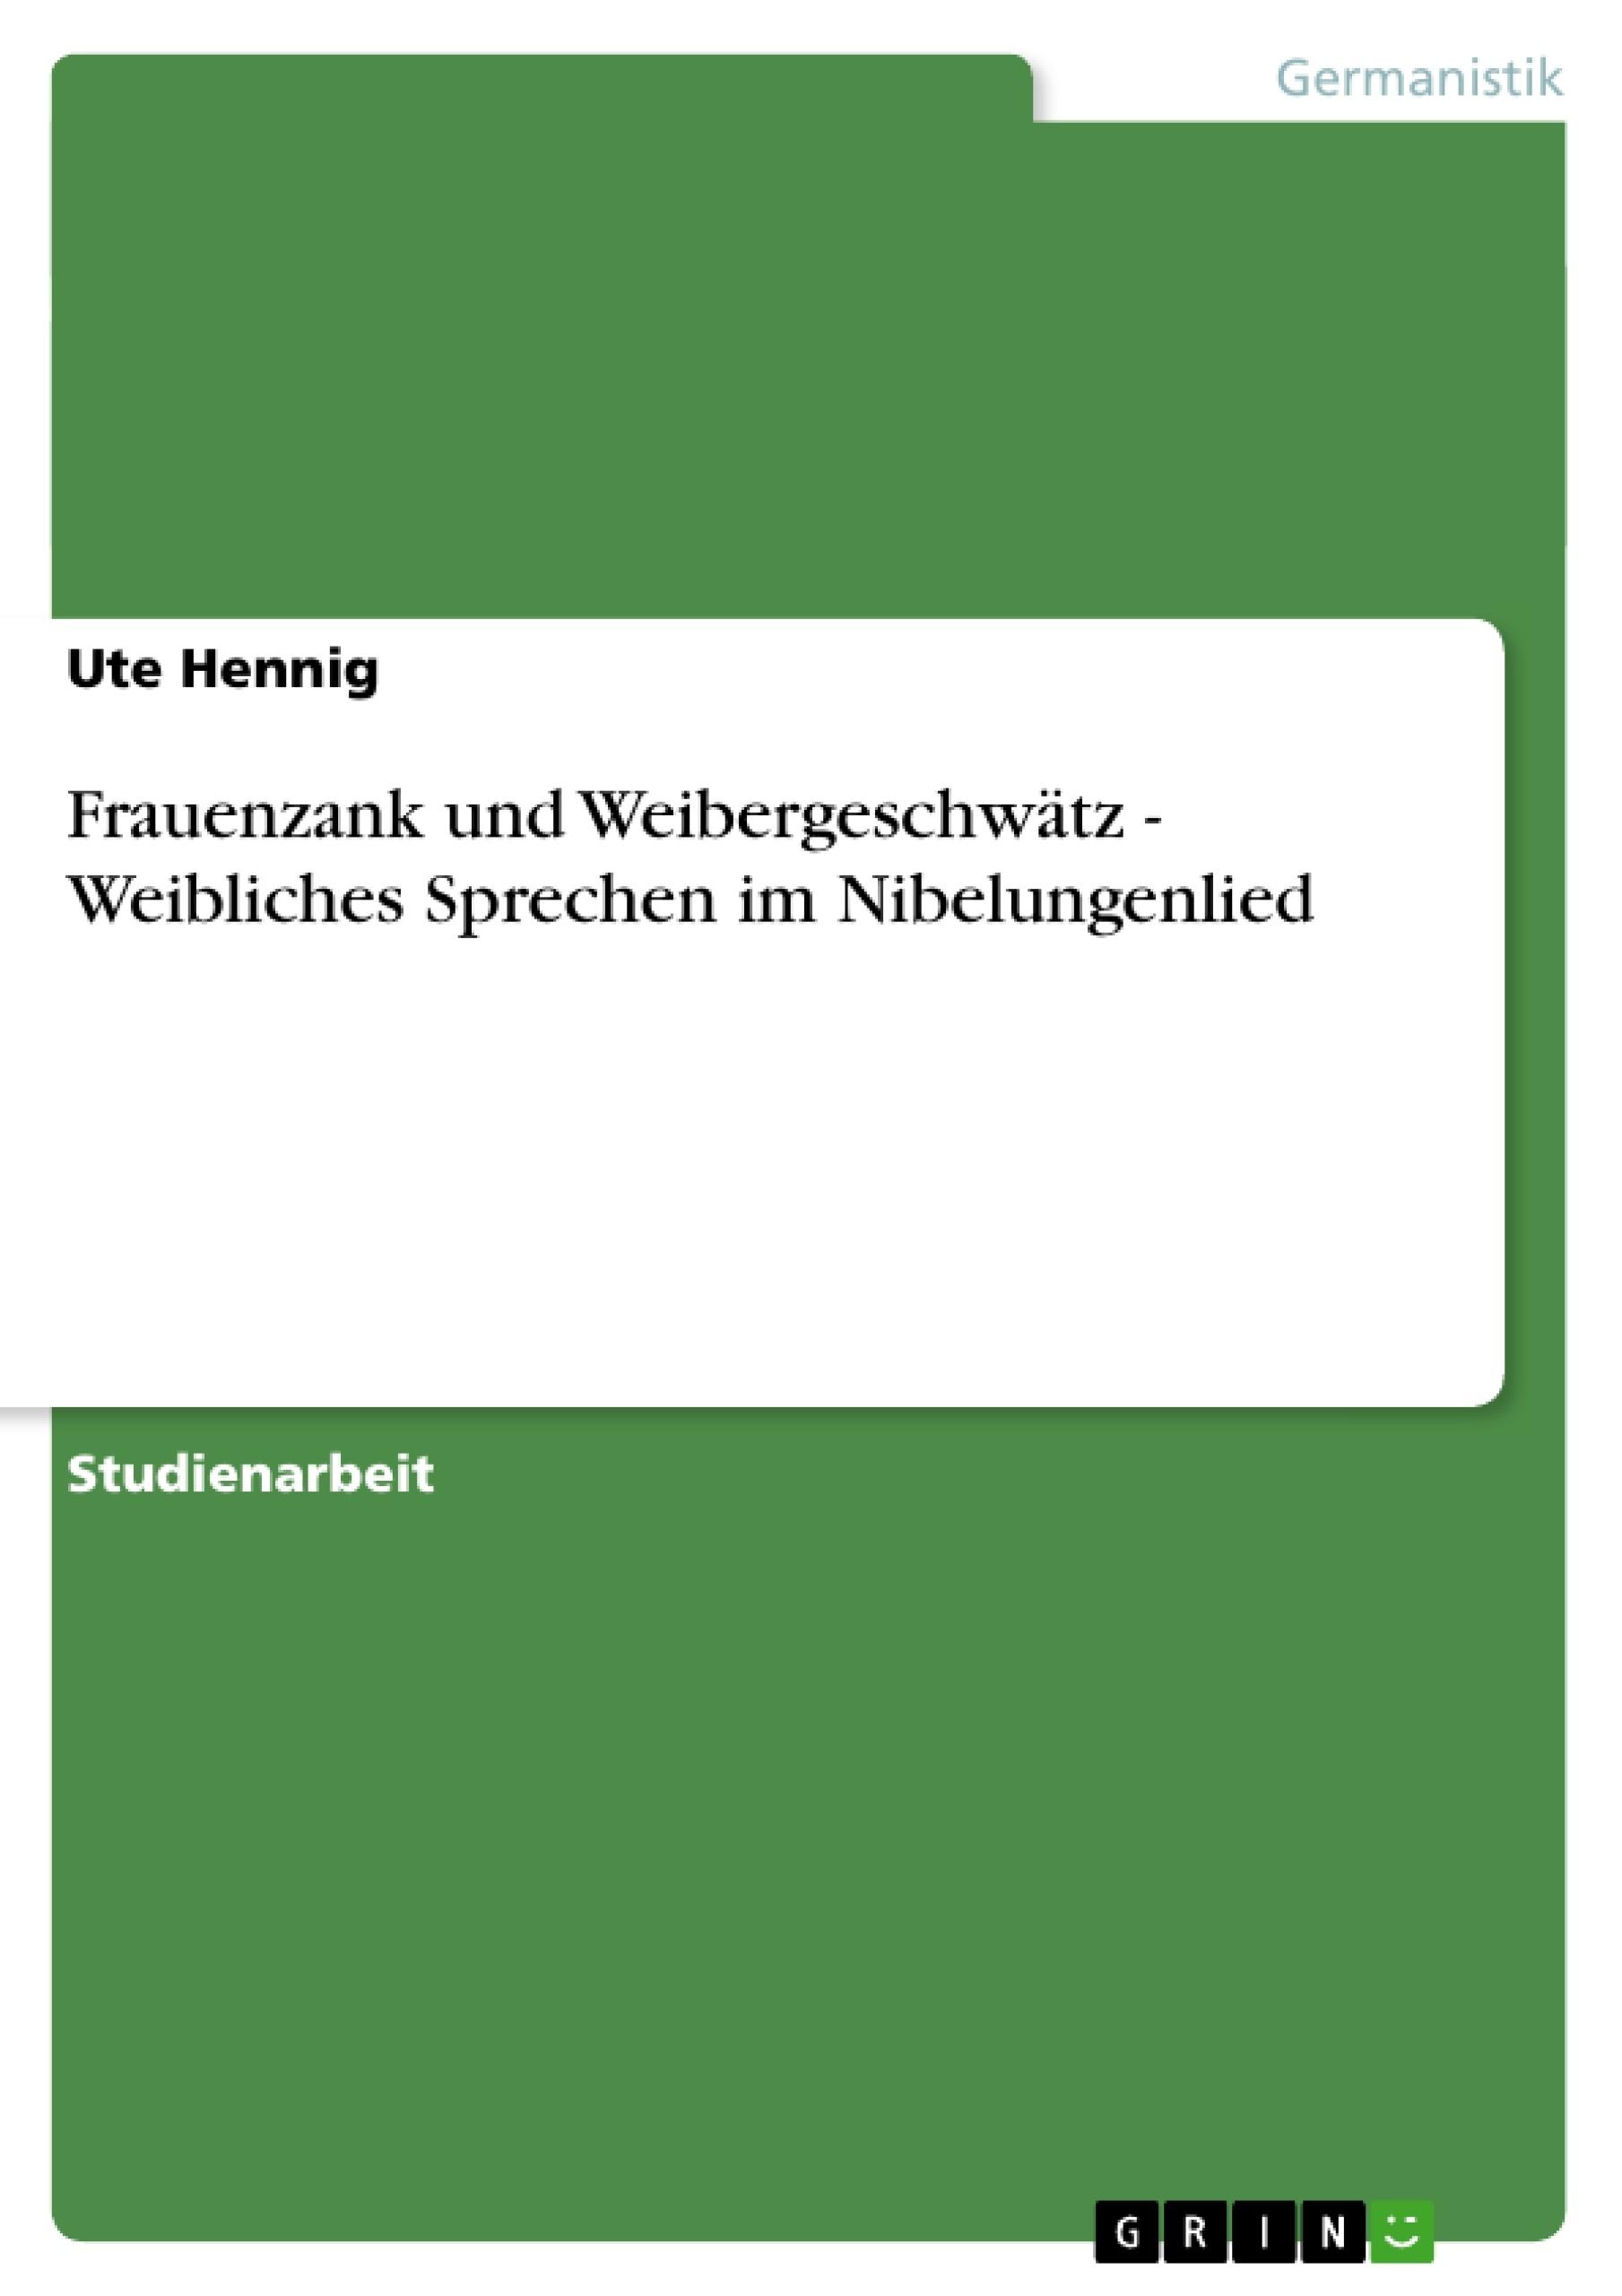 Titel: Frauenzank und Weibergeschwätz - Weibliches Sprechen im Nibelungenlied